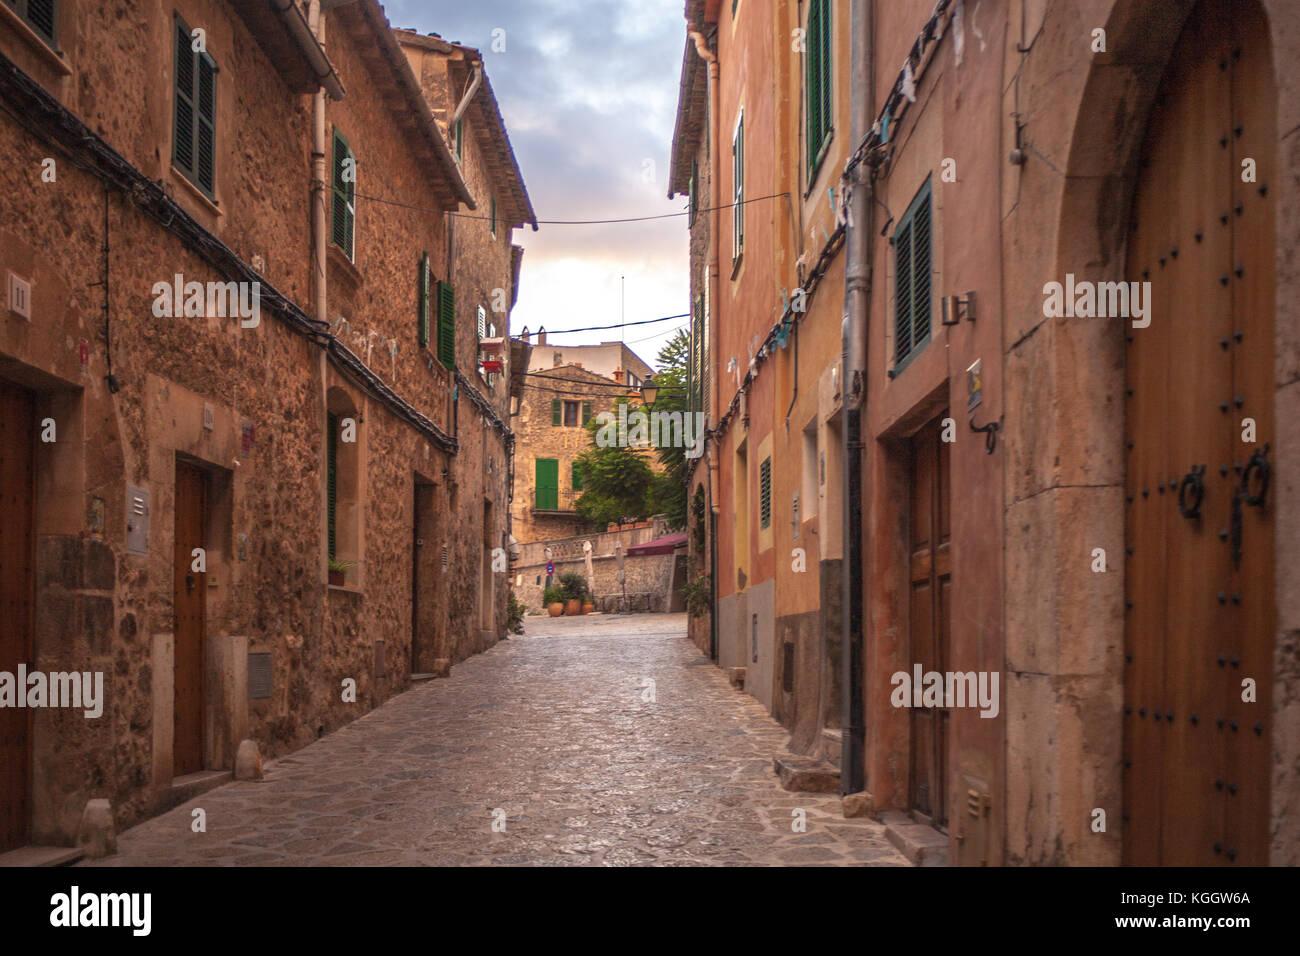 Charmante maison bordent la rue à Valldemossa, Majorque Photo Stock